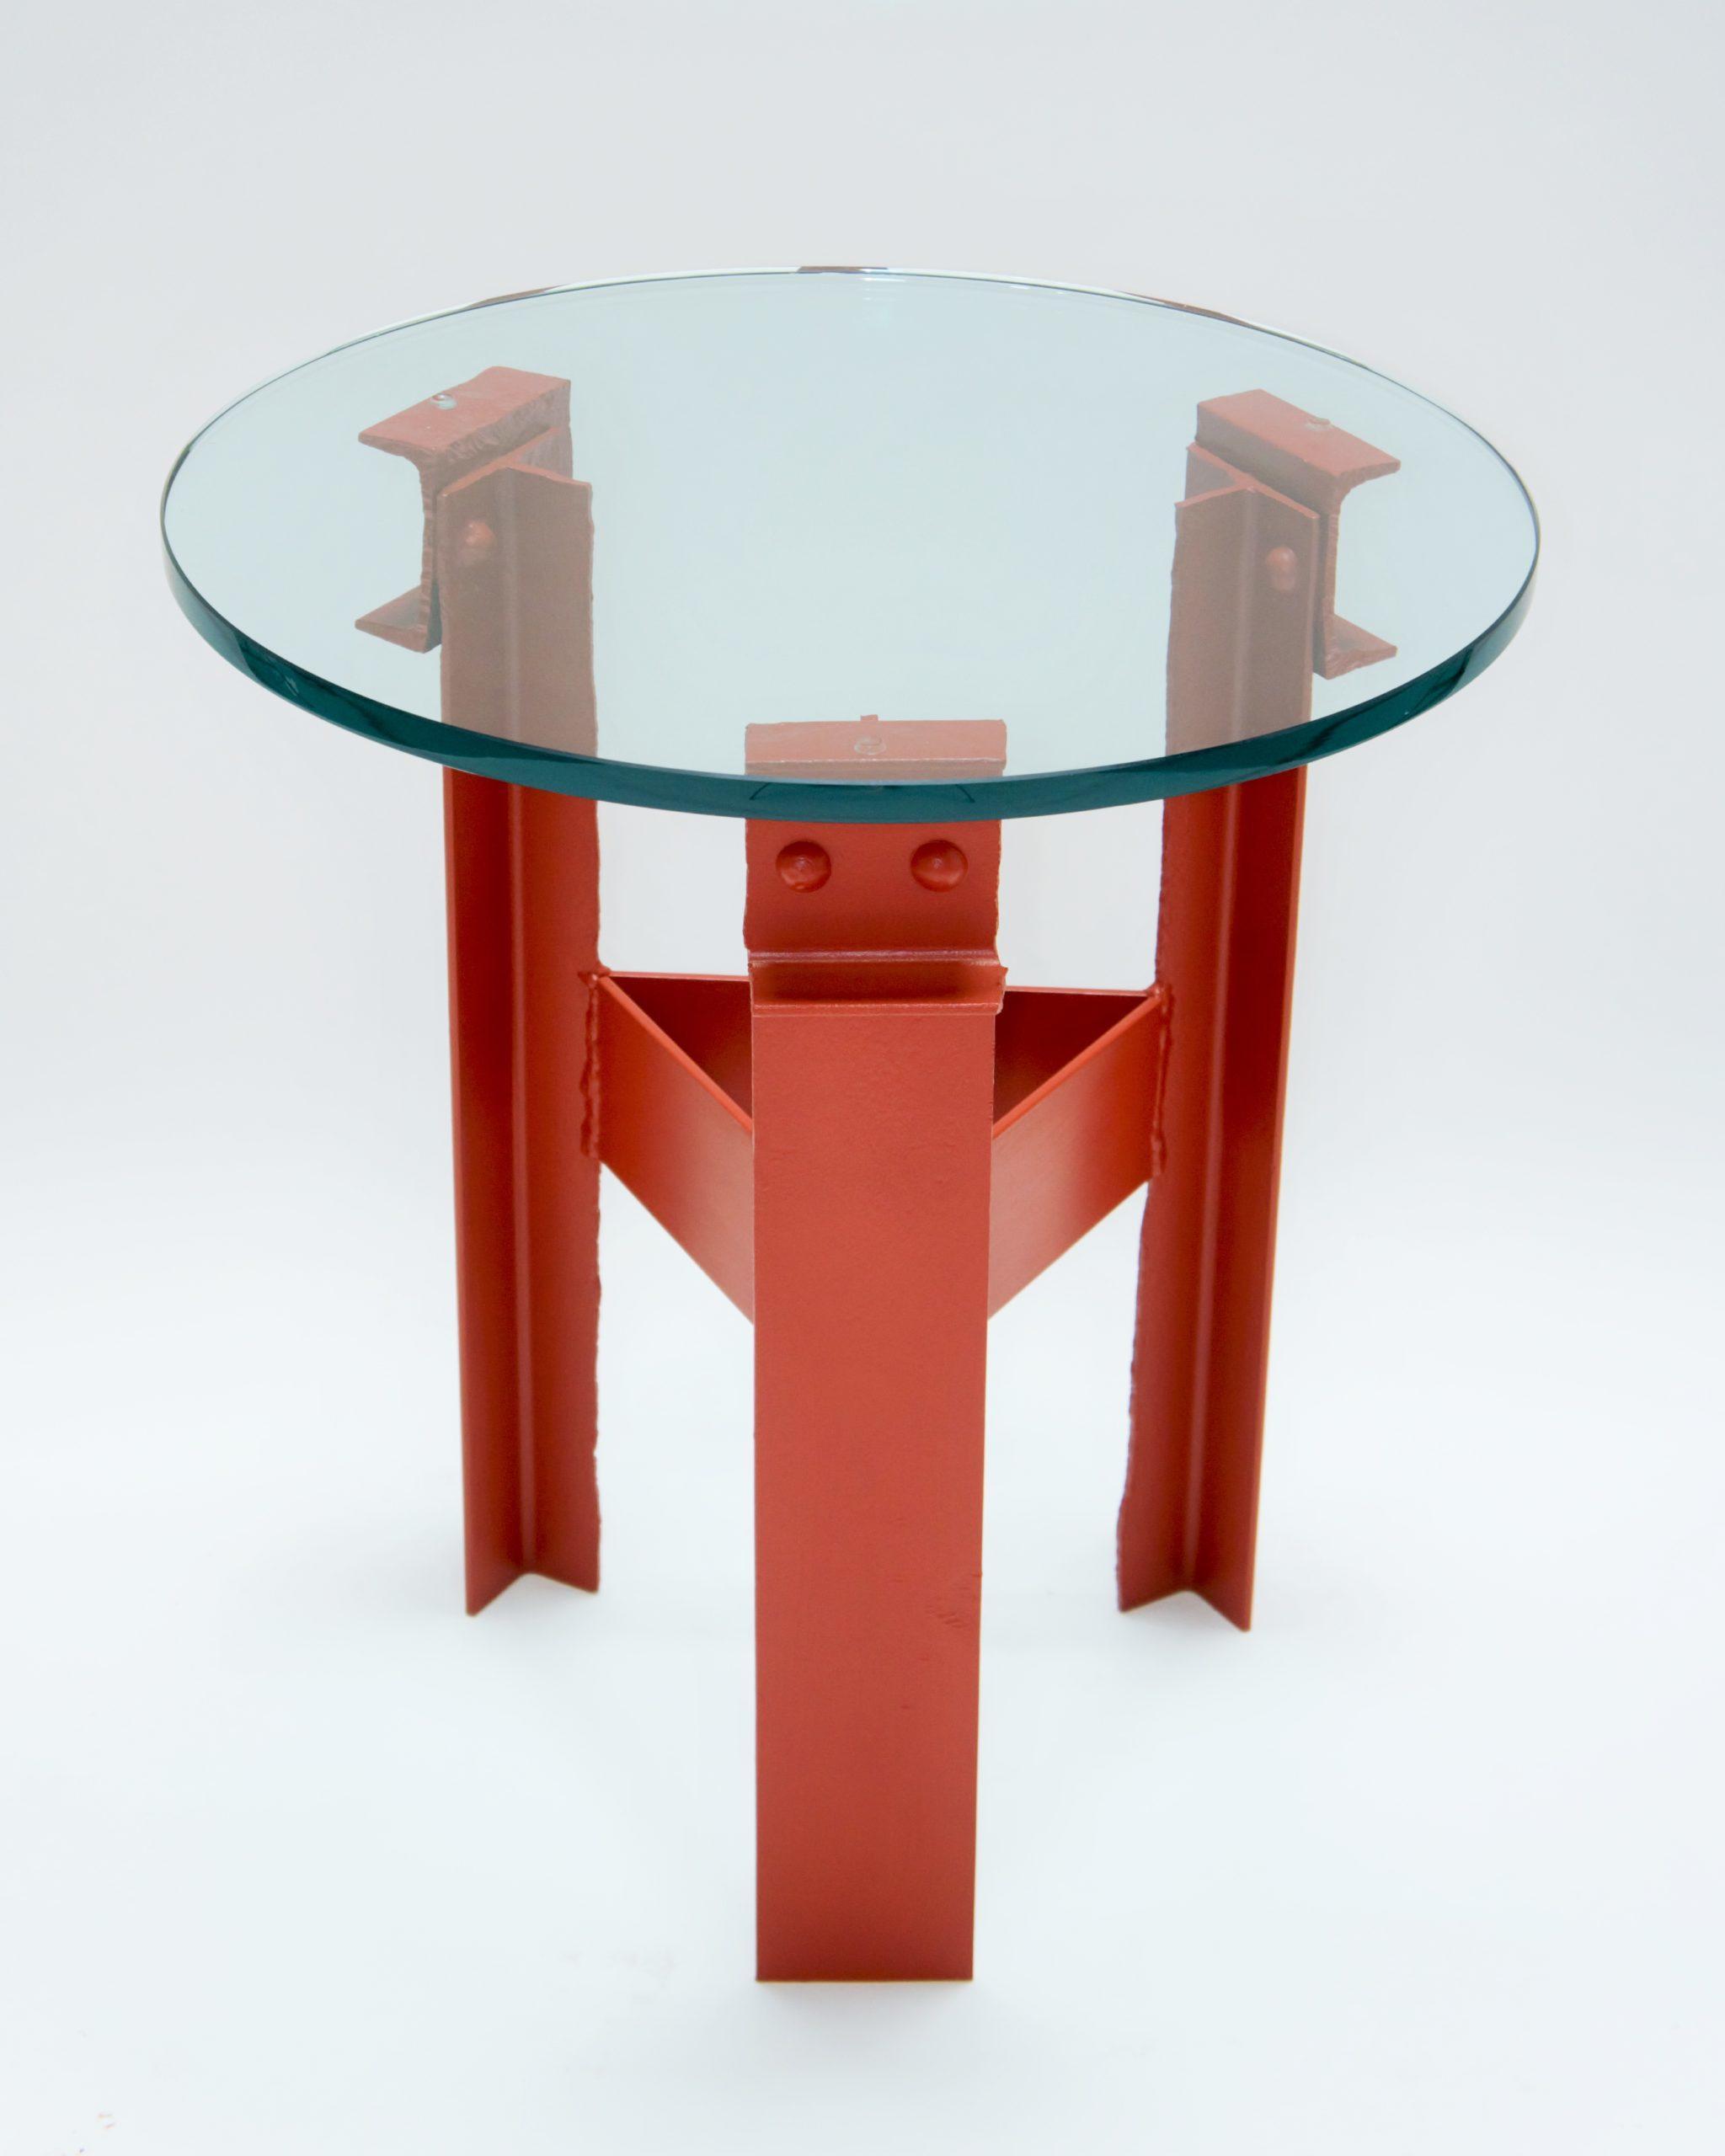 Golden Gate Bridge Steel - Side Table